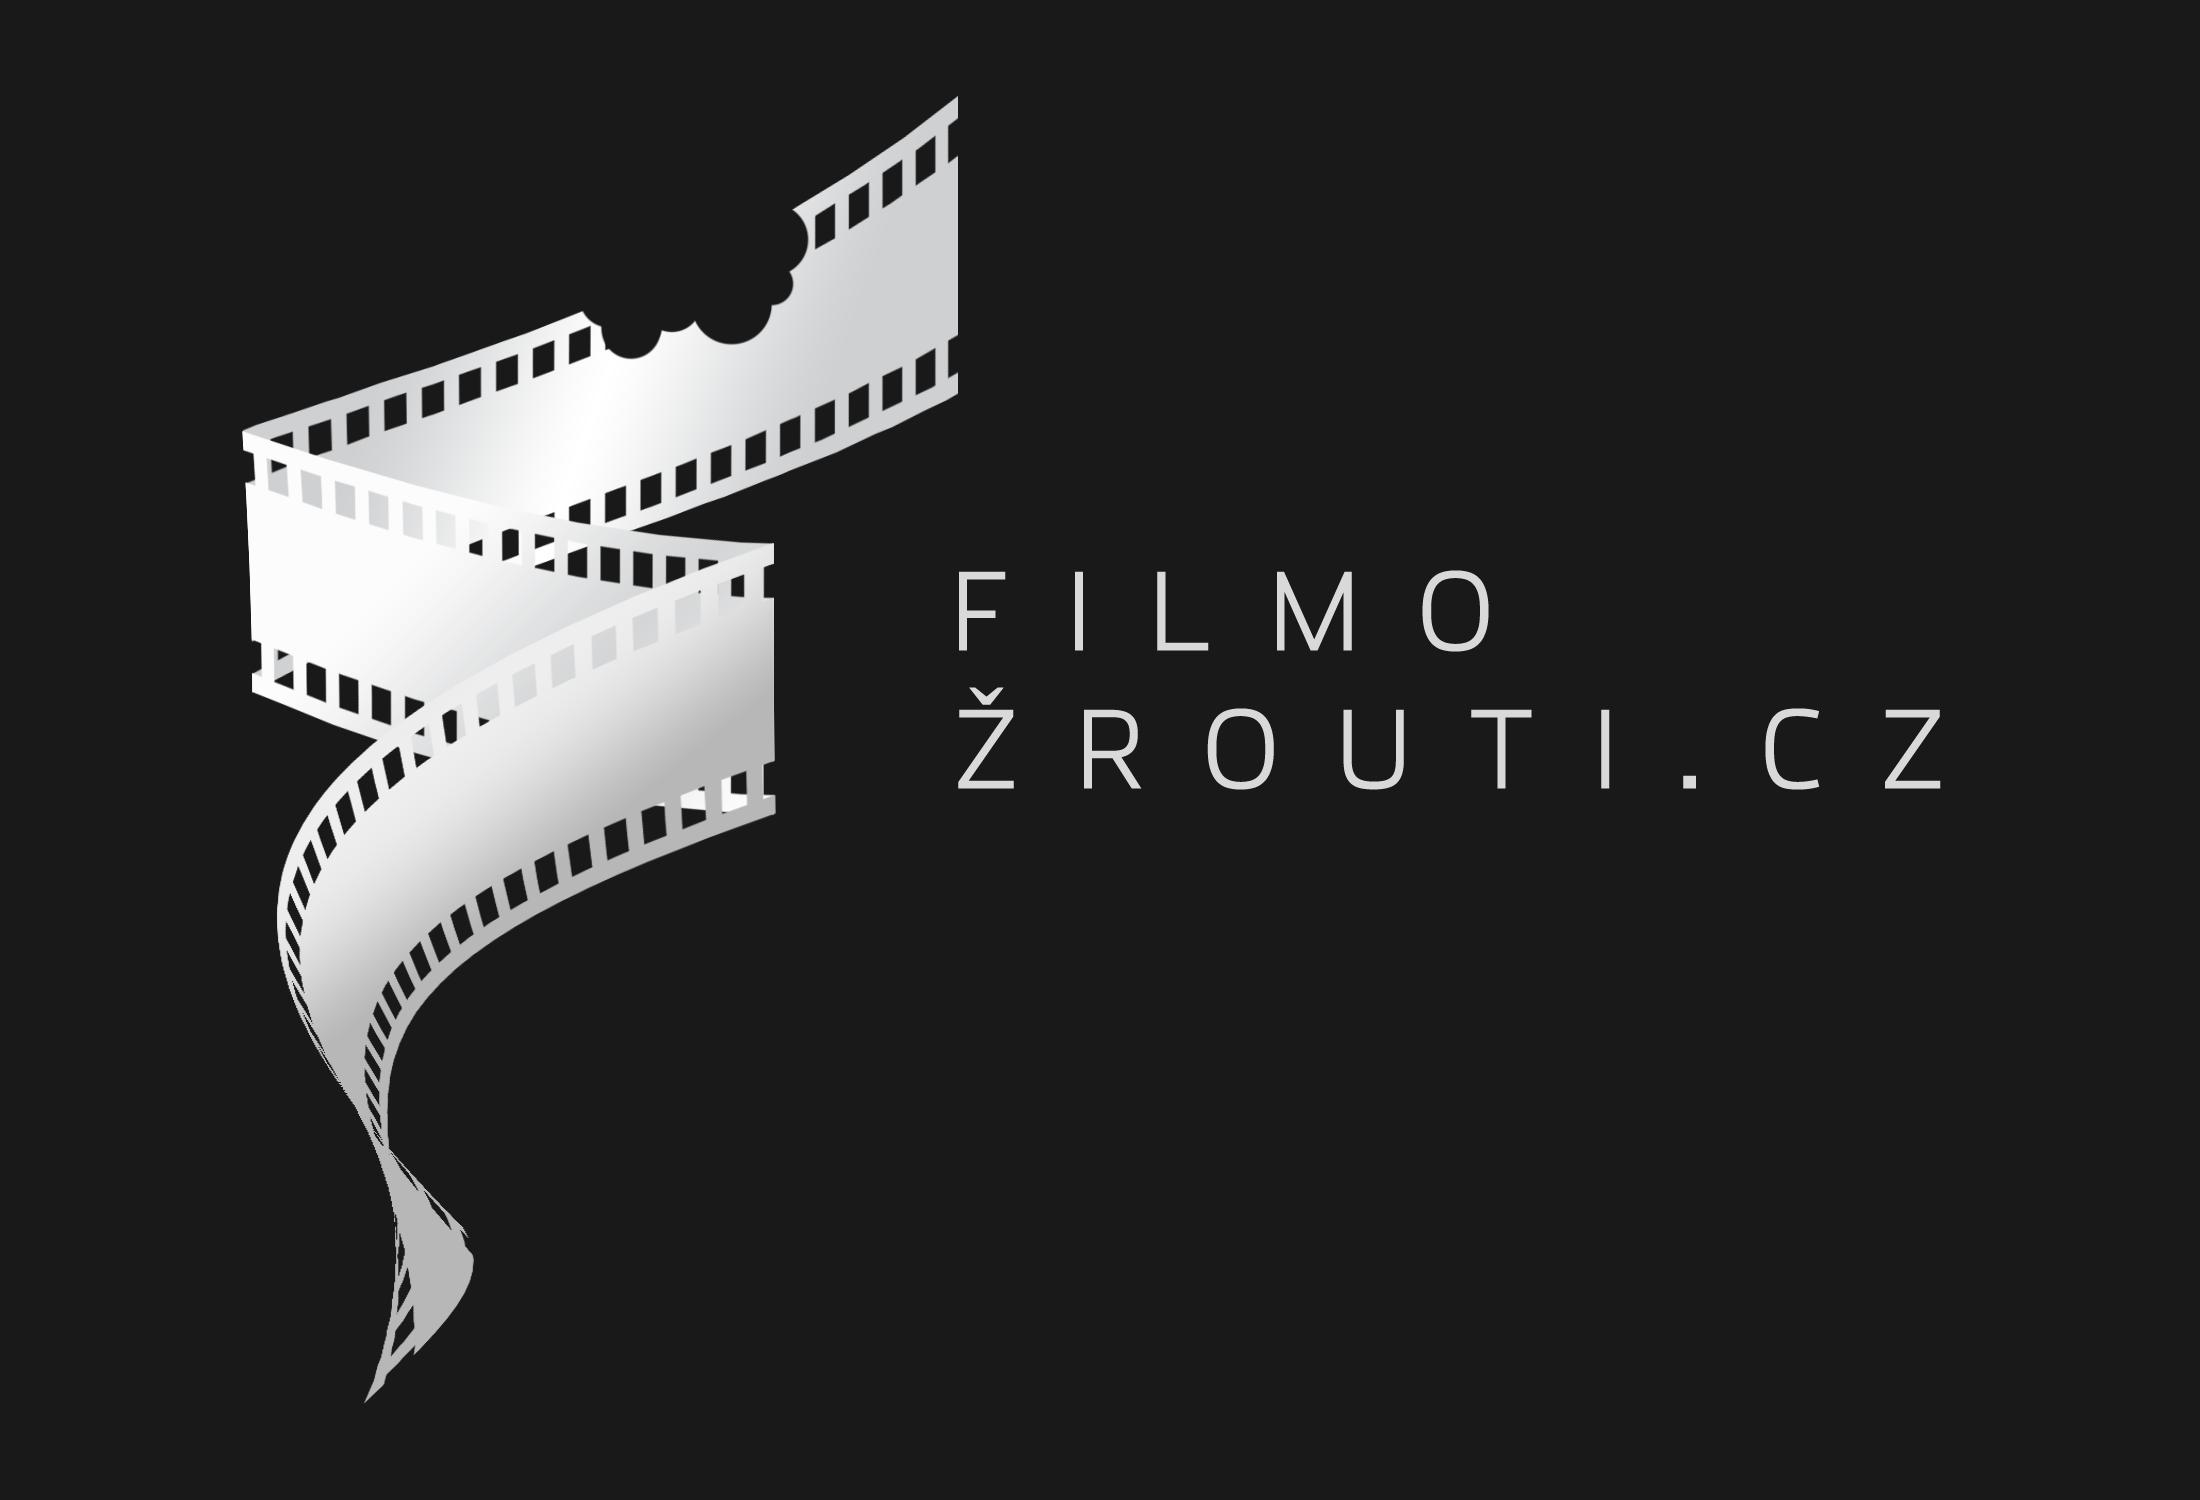 Filmozrouti.cz